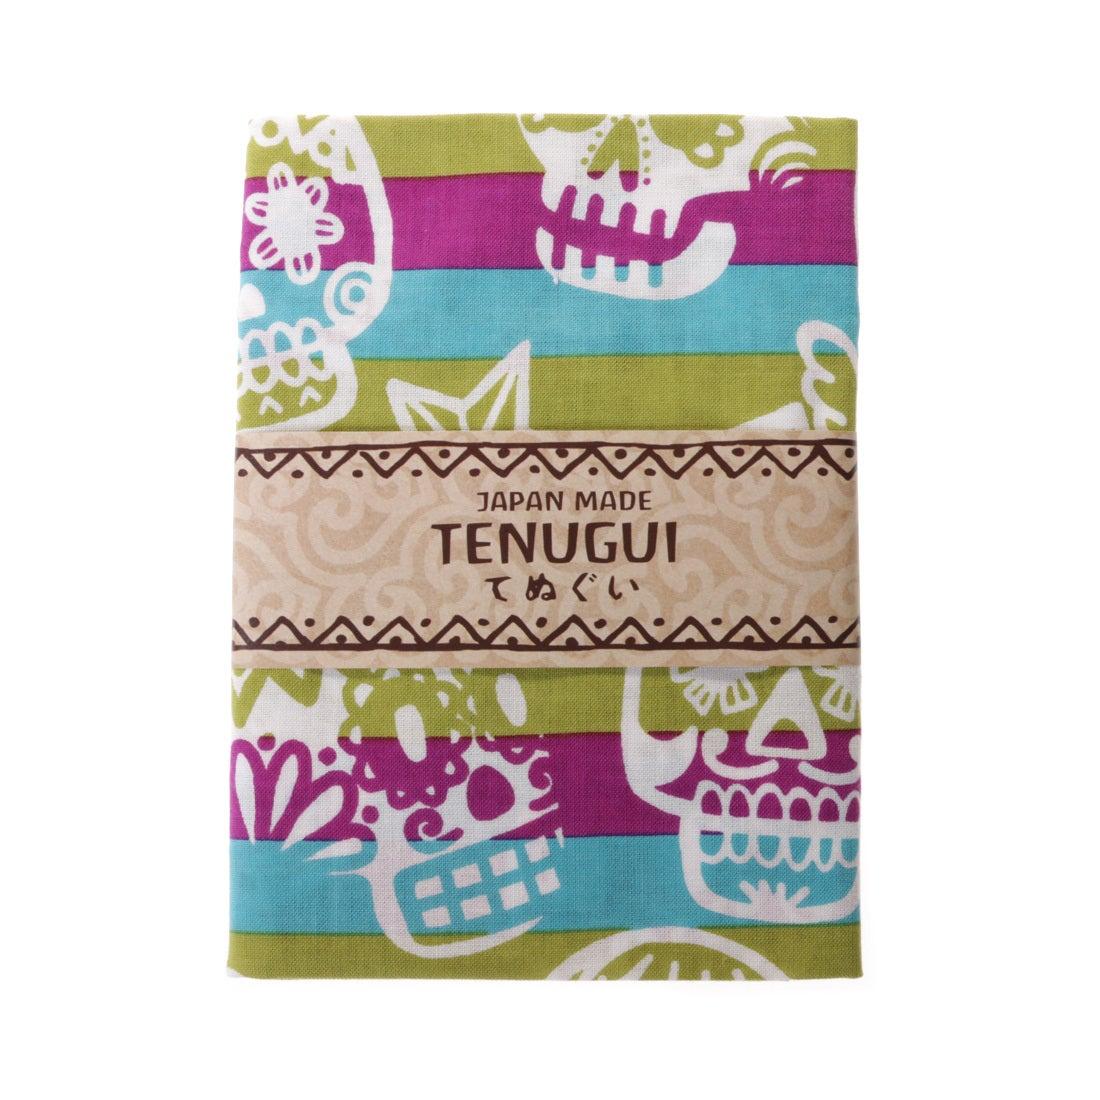 【チャイハネ】JAPAN MADE カラベラ捺染手ぬぐい パープル